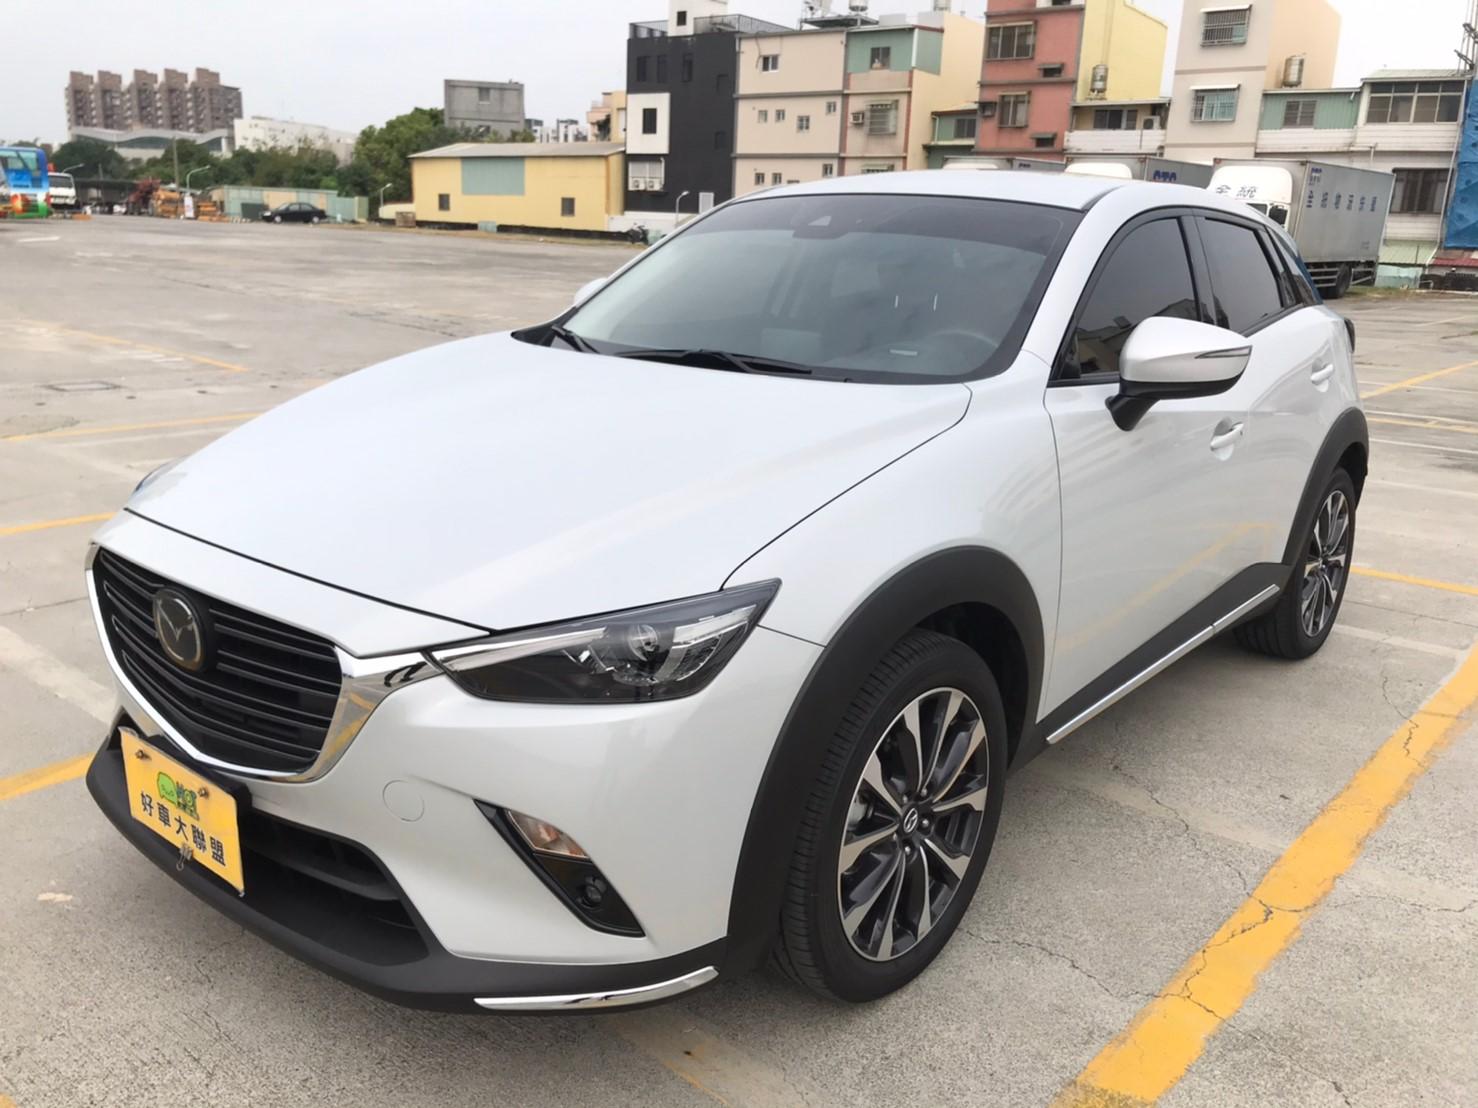 2019 Mazda 馬自達 CX-3